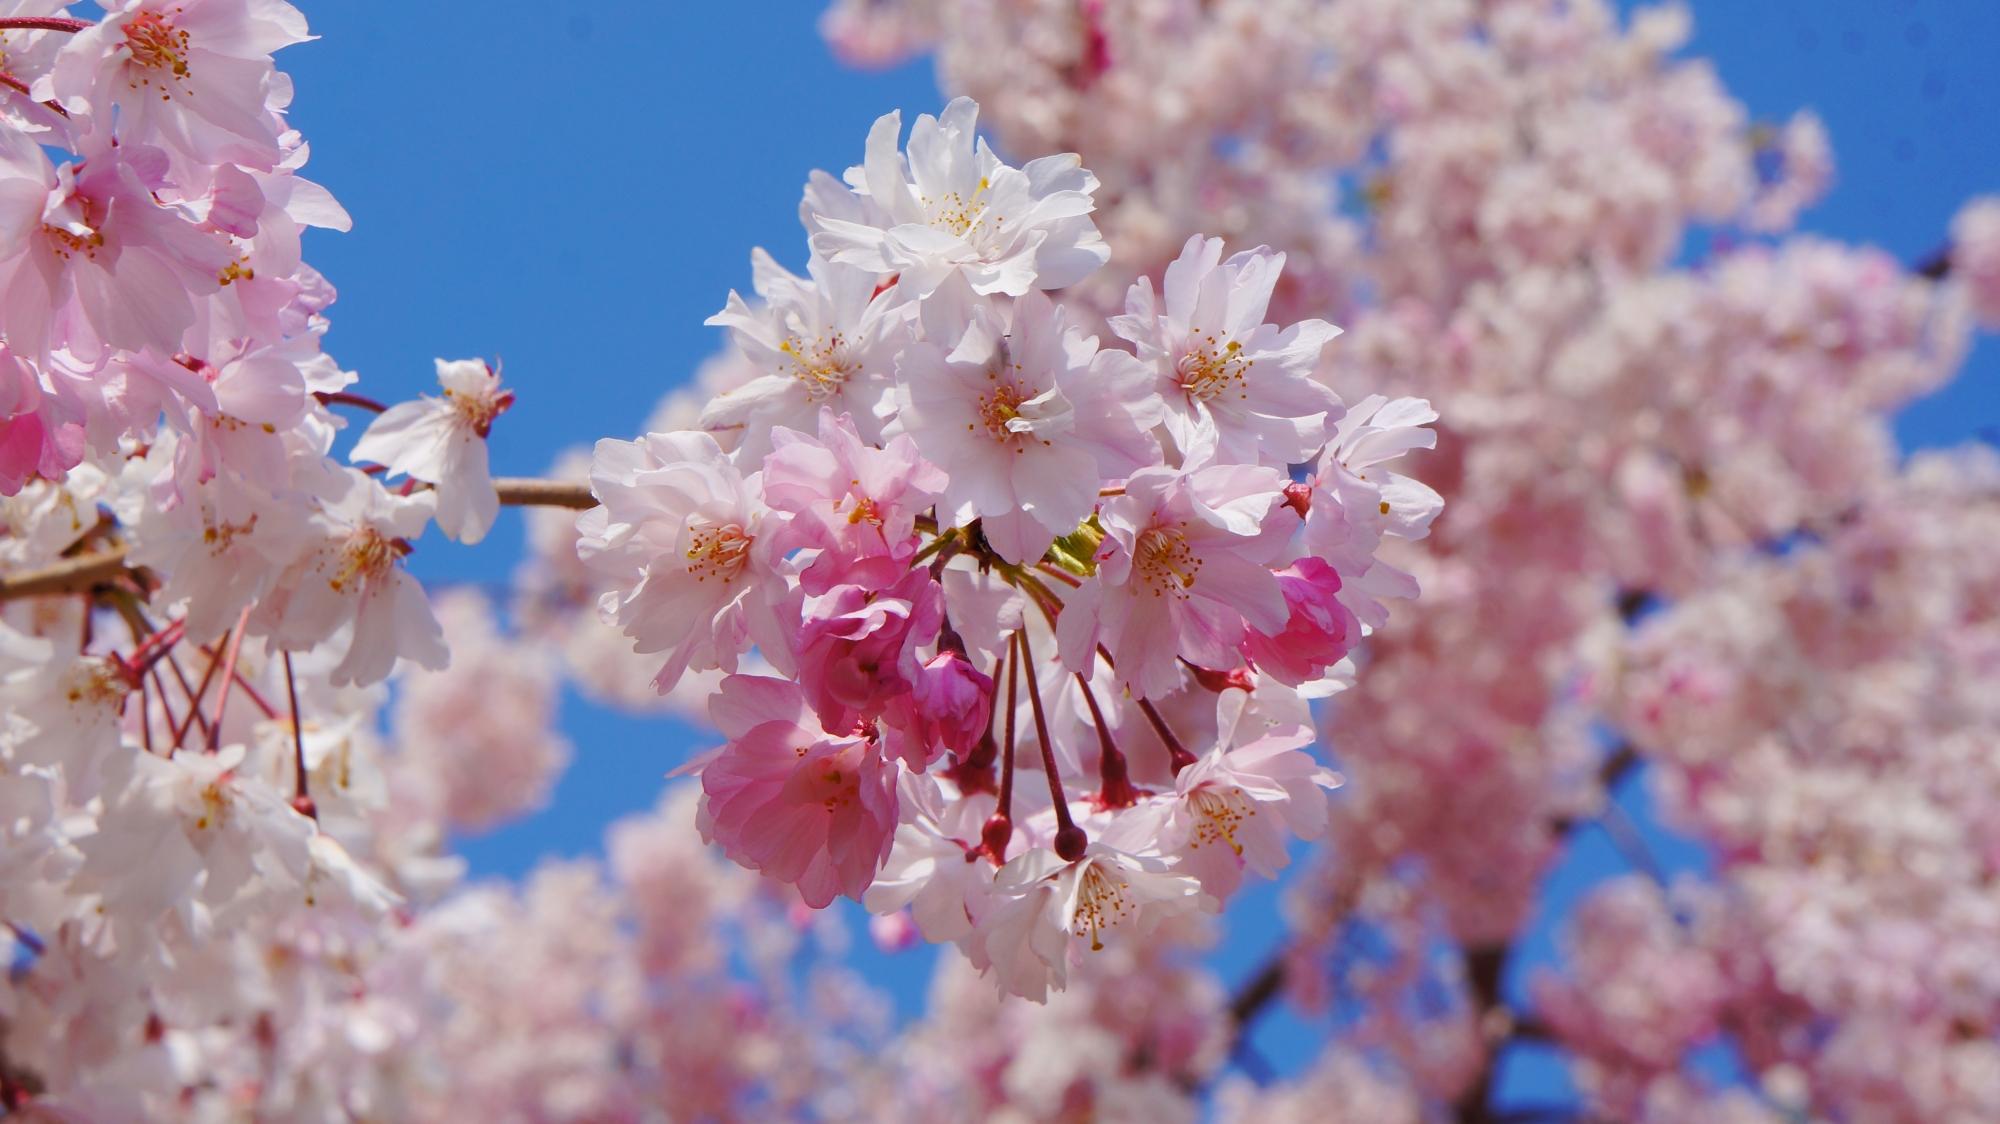 桜井公園というだけある素晴らしい桜